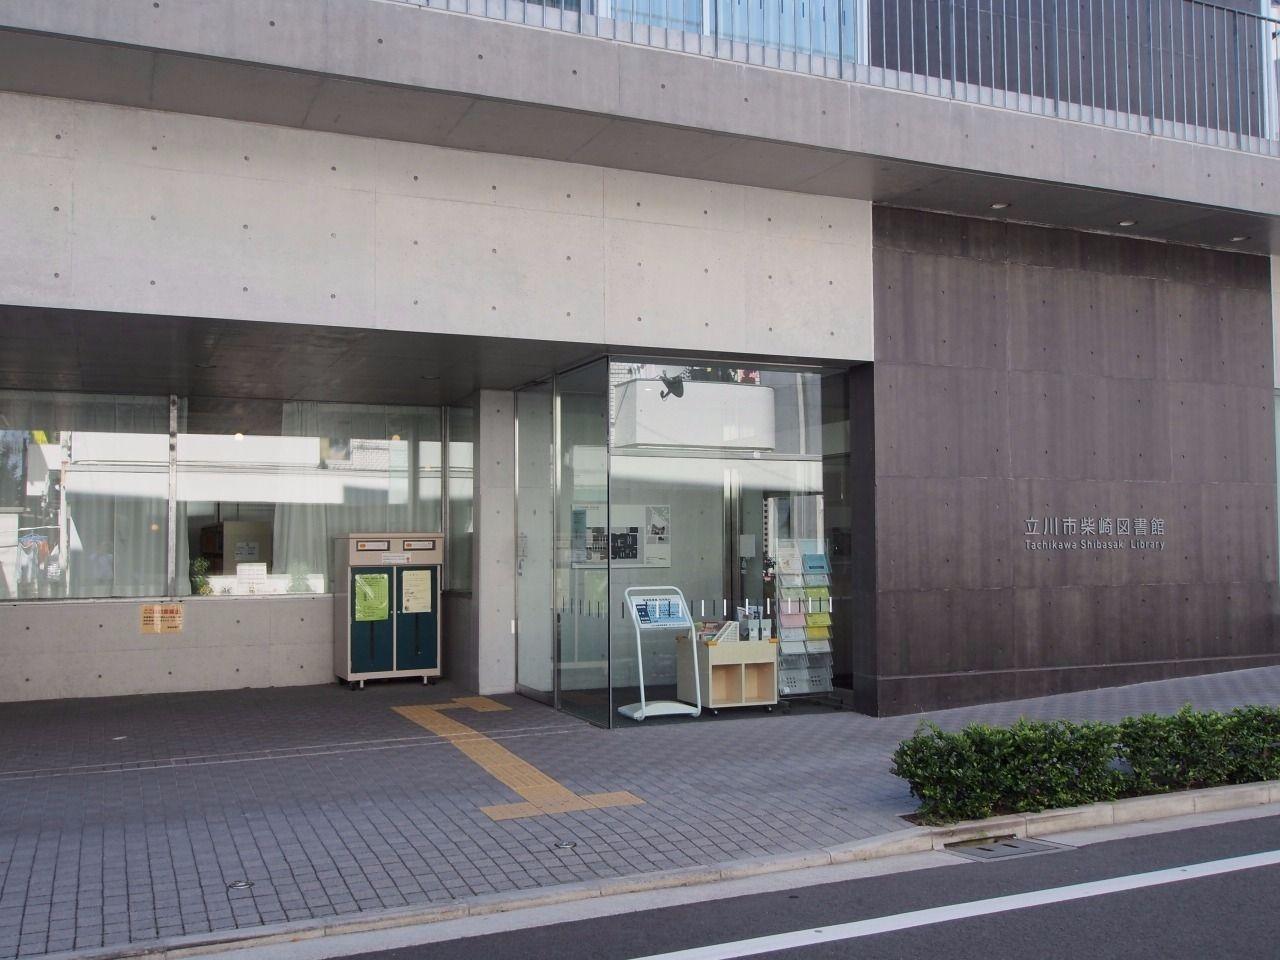 第一小学校と同じ建物内にある市立図書館